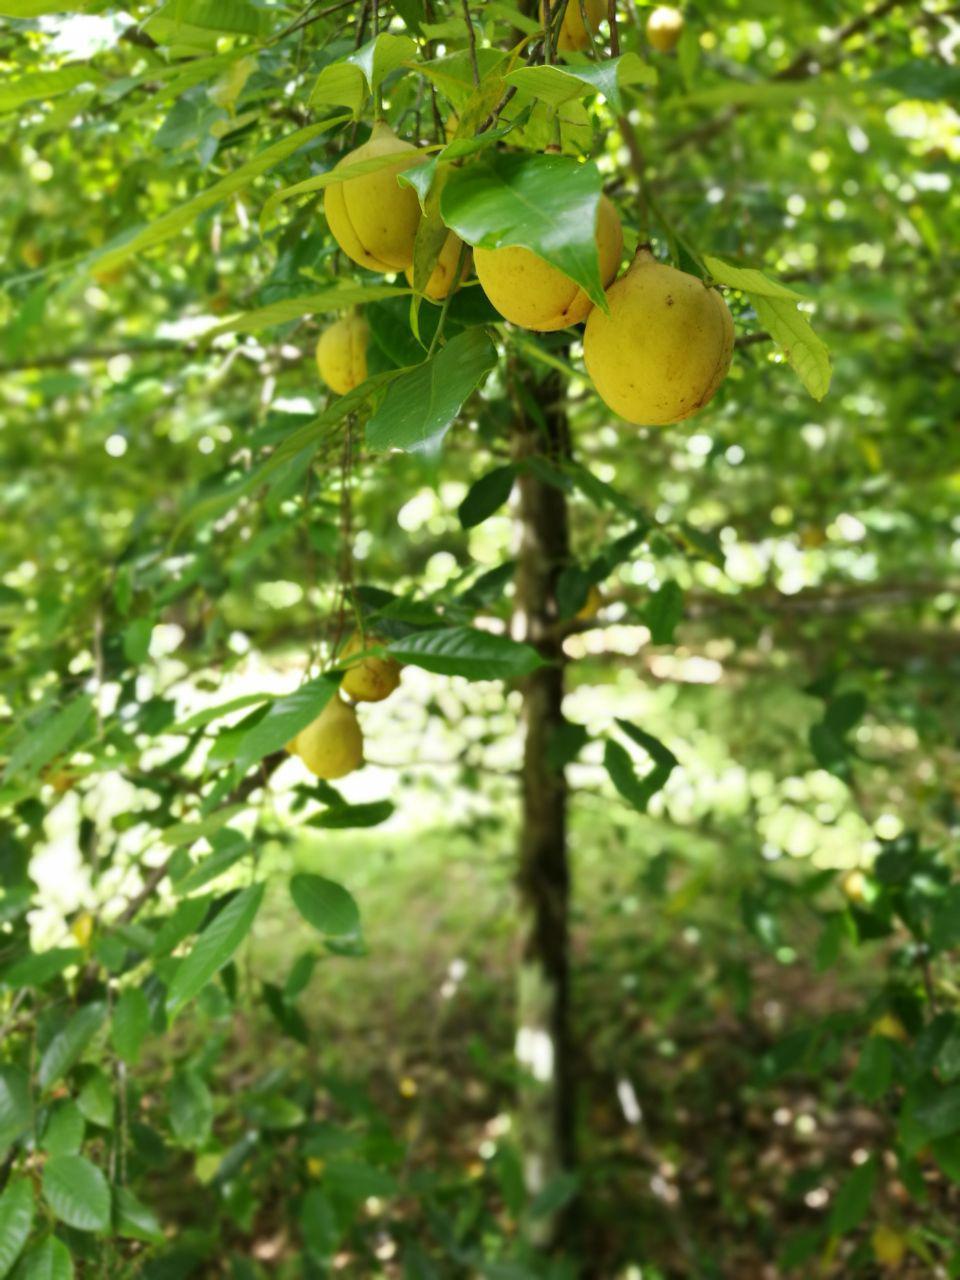 Buah Pala di pohonnya | Akhyari Hananto